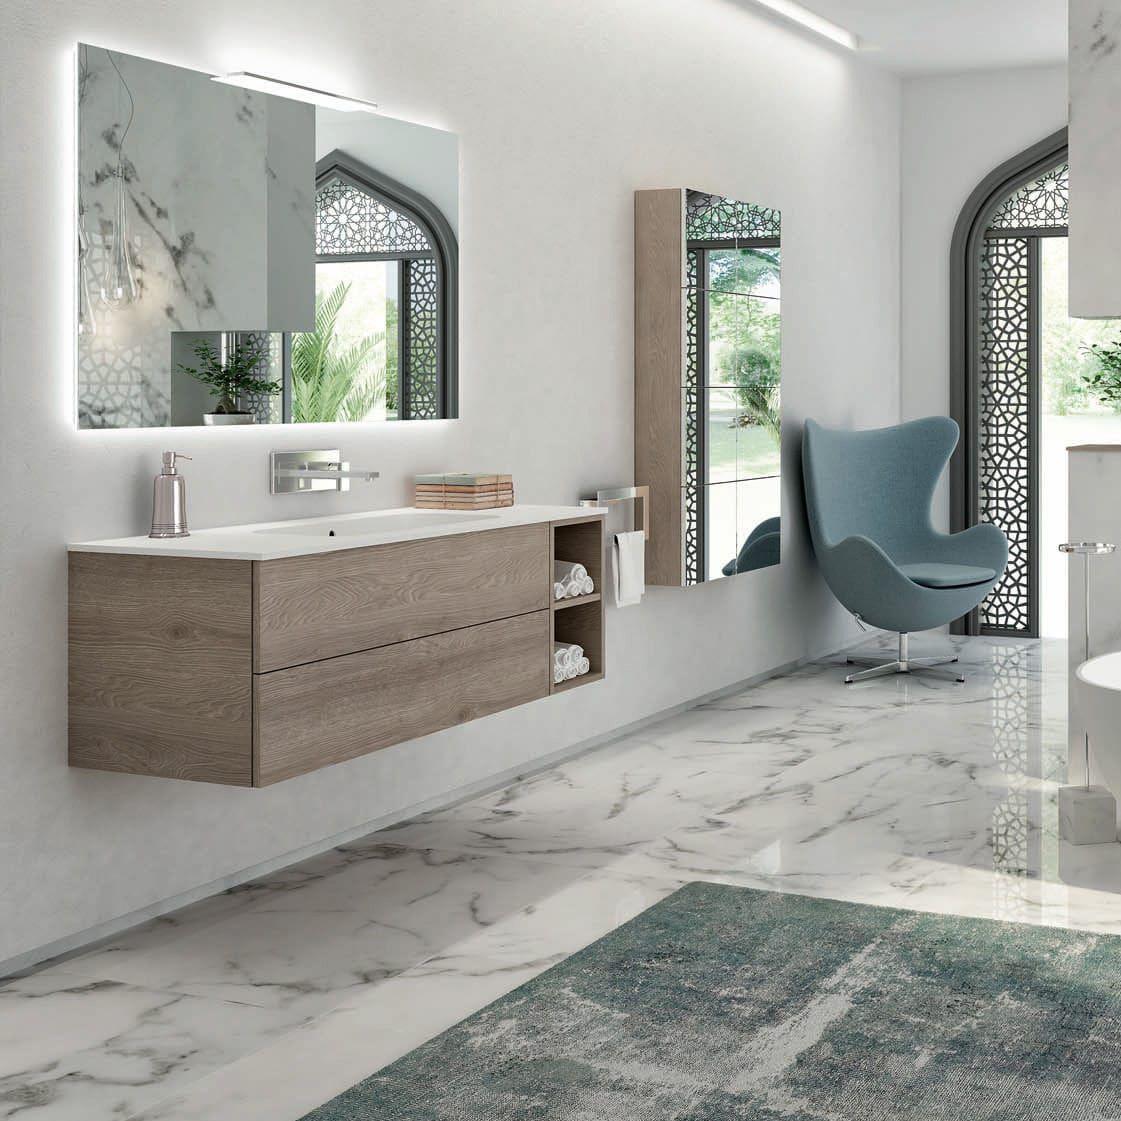 Doppel Waschtischunterschrank Modern Aus Eiche Aus Edelstahl Yumi Arlexitalia Waschtischunterschrank Wohnung Badezimmer Innenausstattung